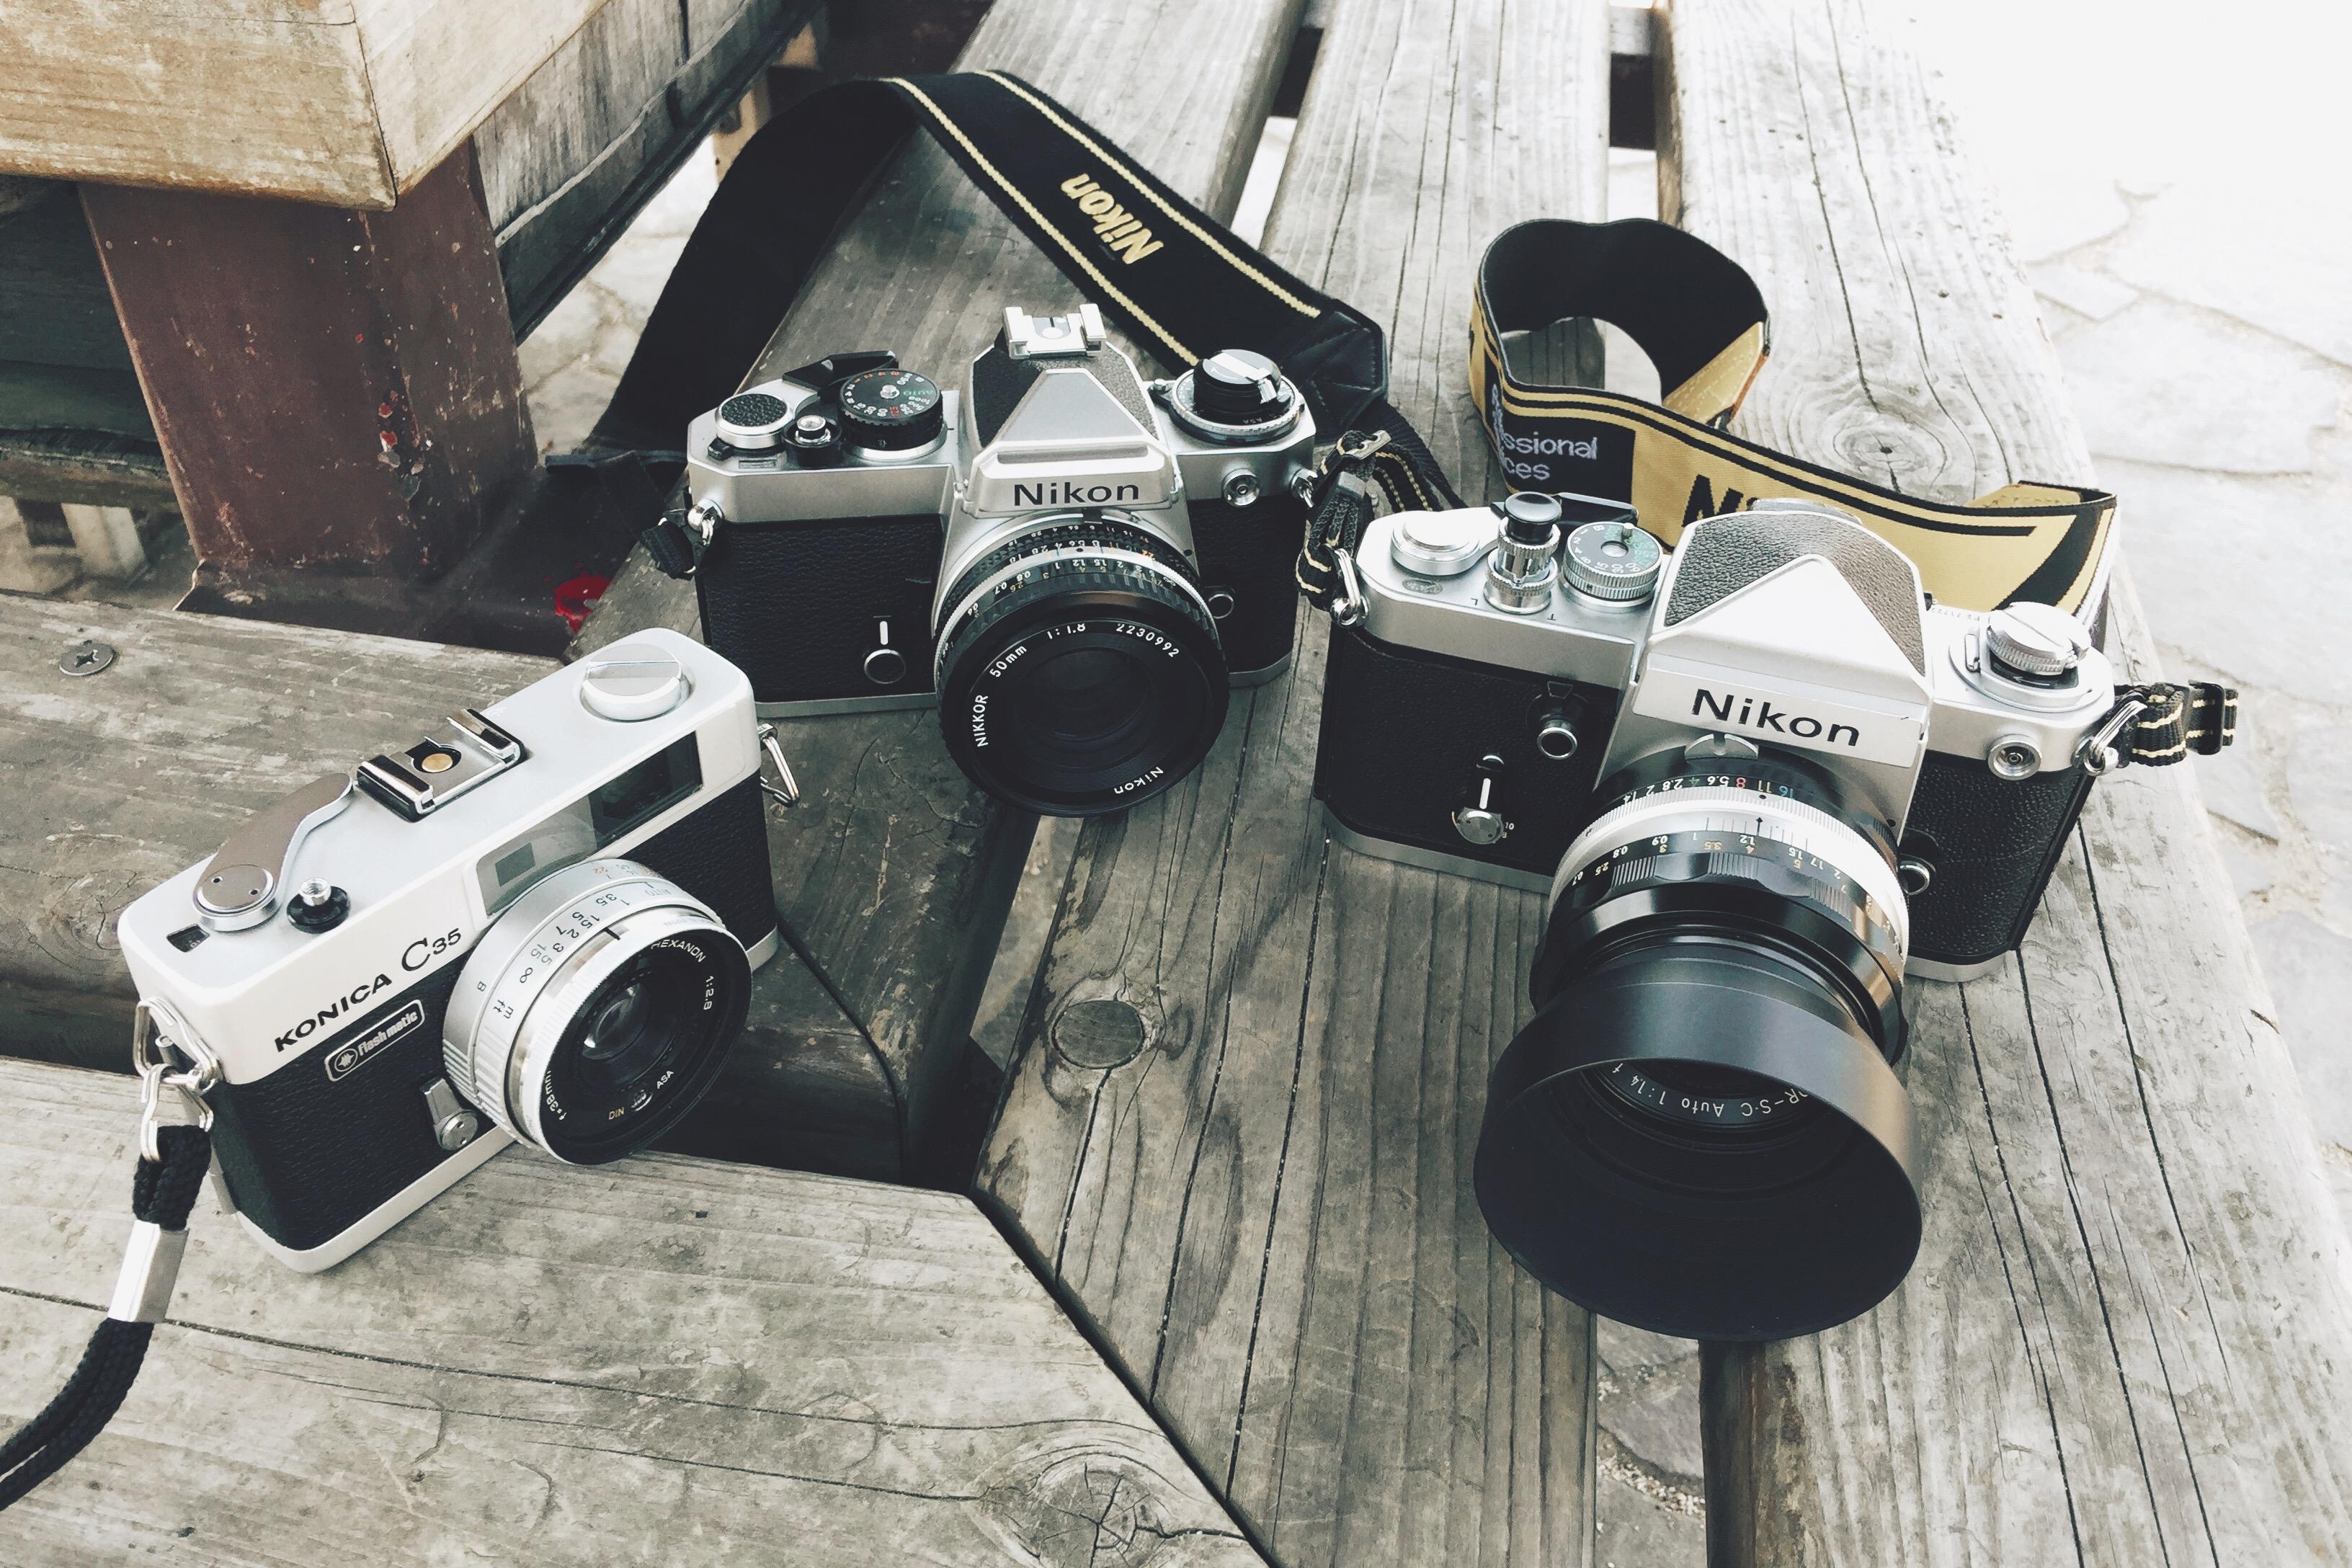 カメラが増えてくと、思い出も増えてく。